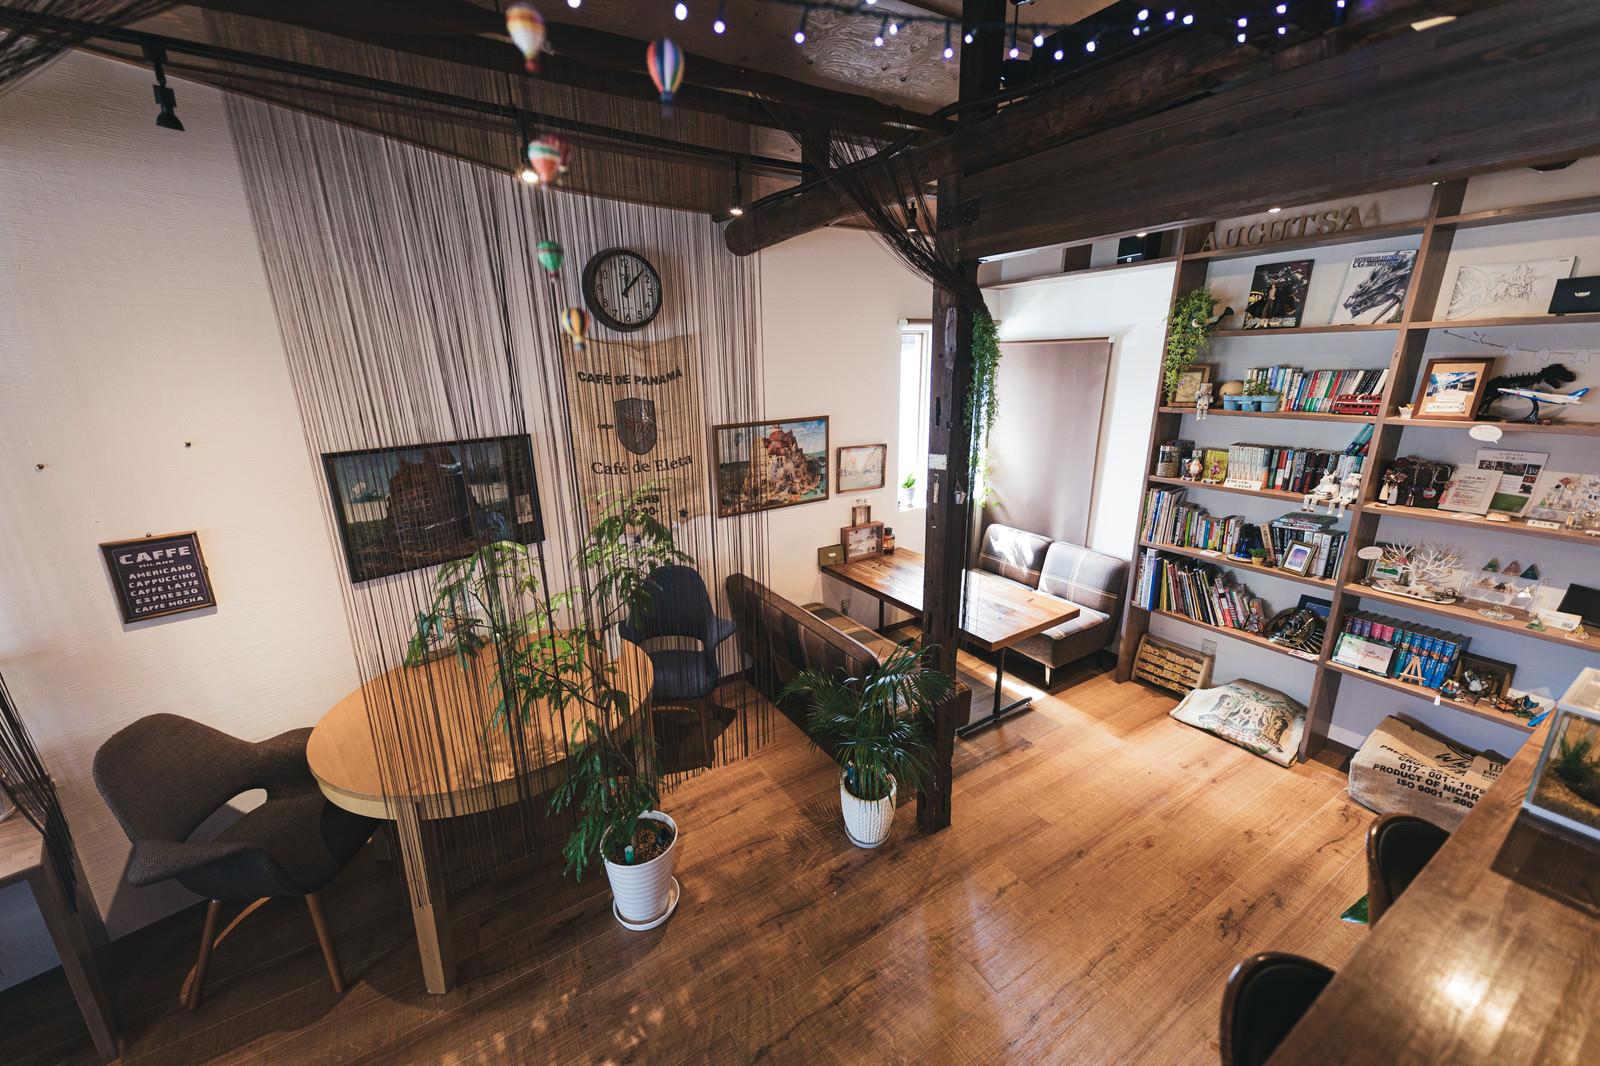 「上から眺めるカフェ「オーガスタ」の店内」の写真